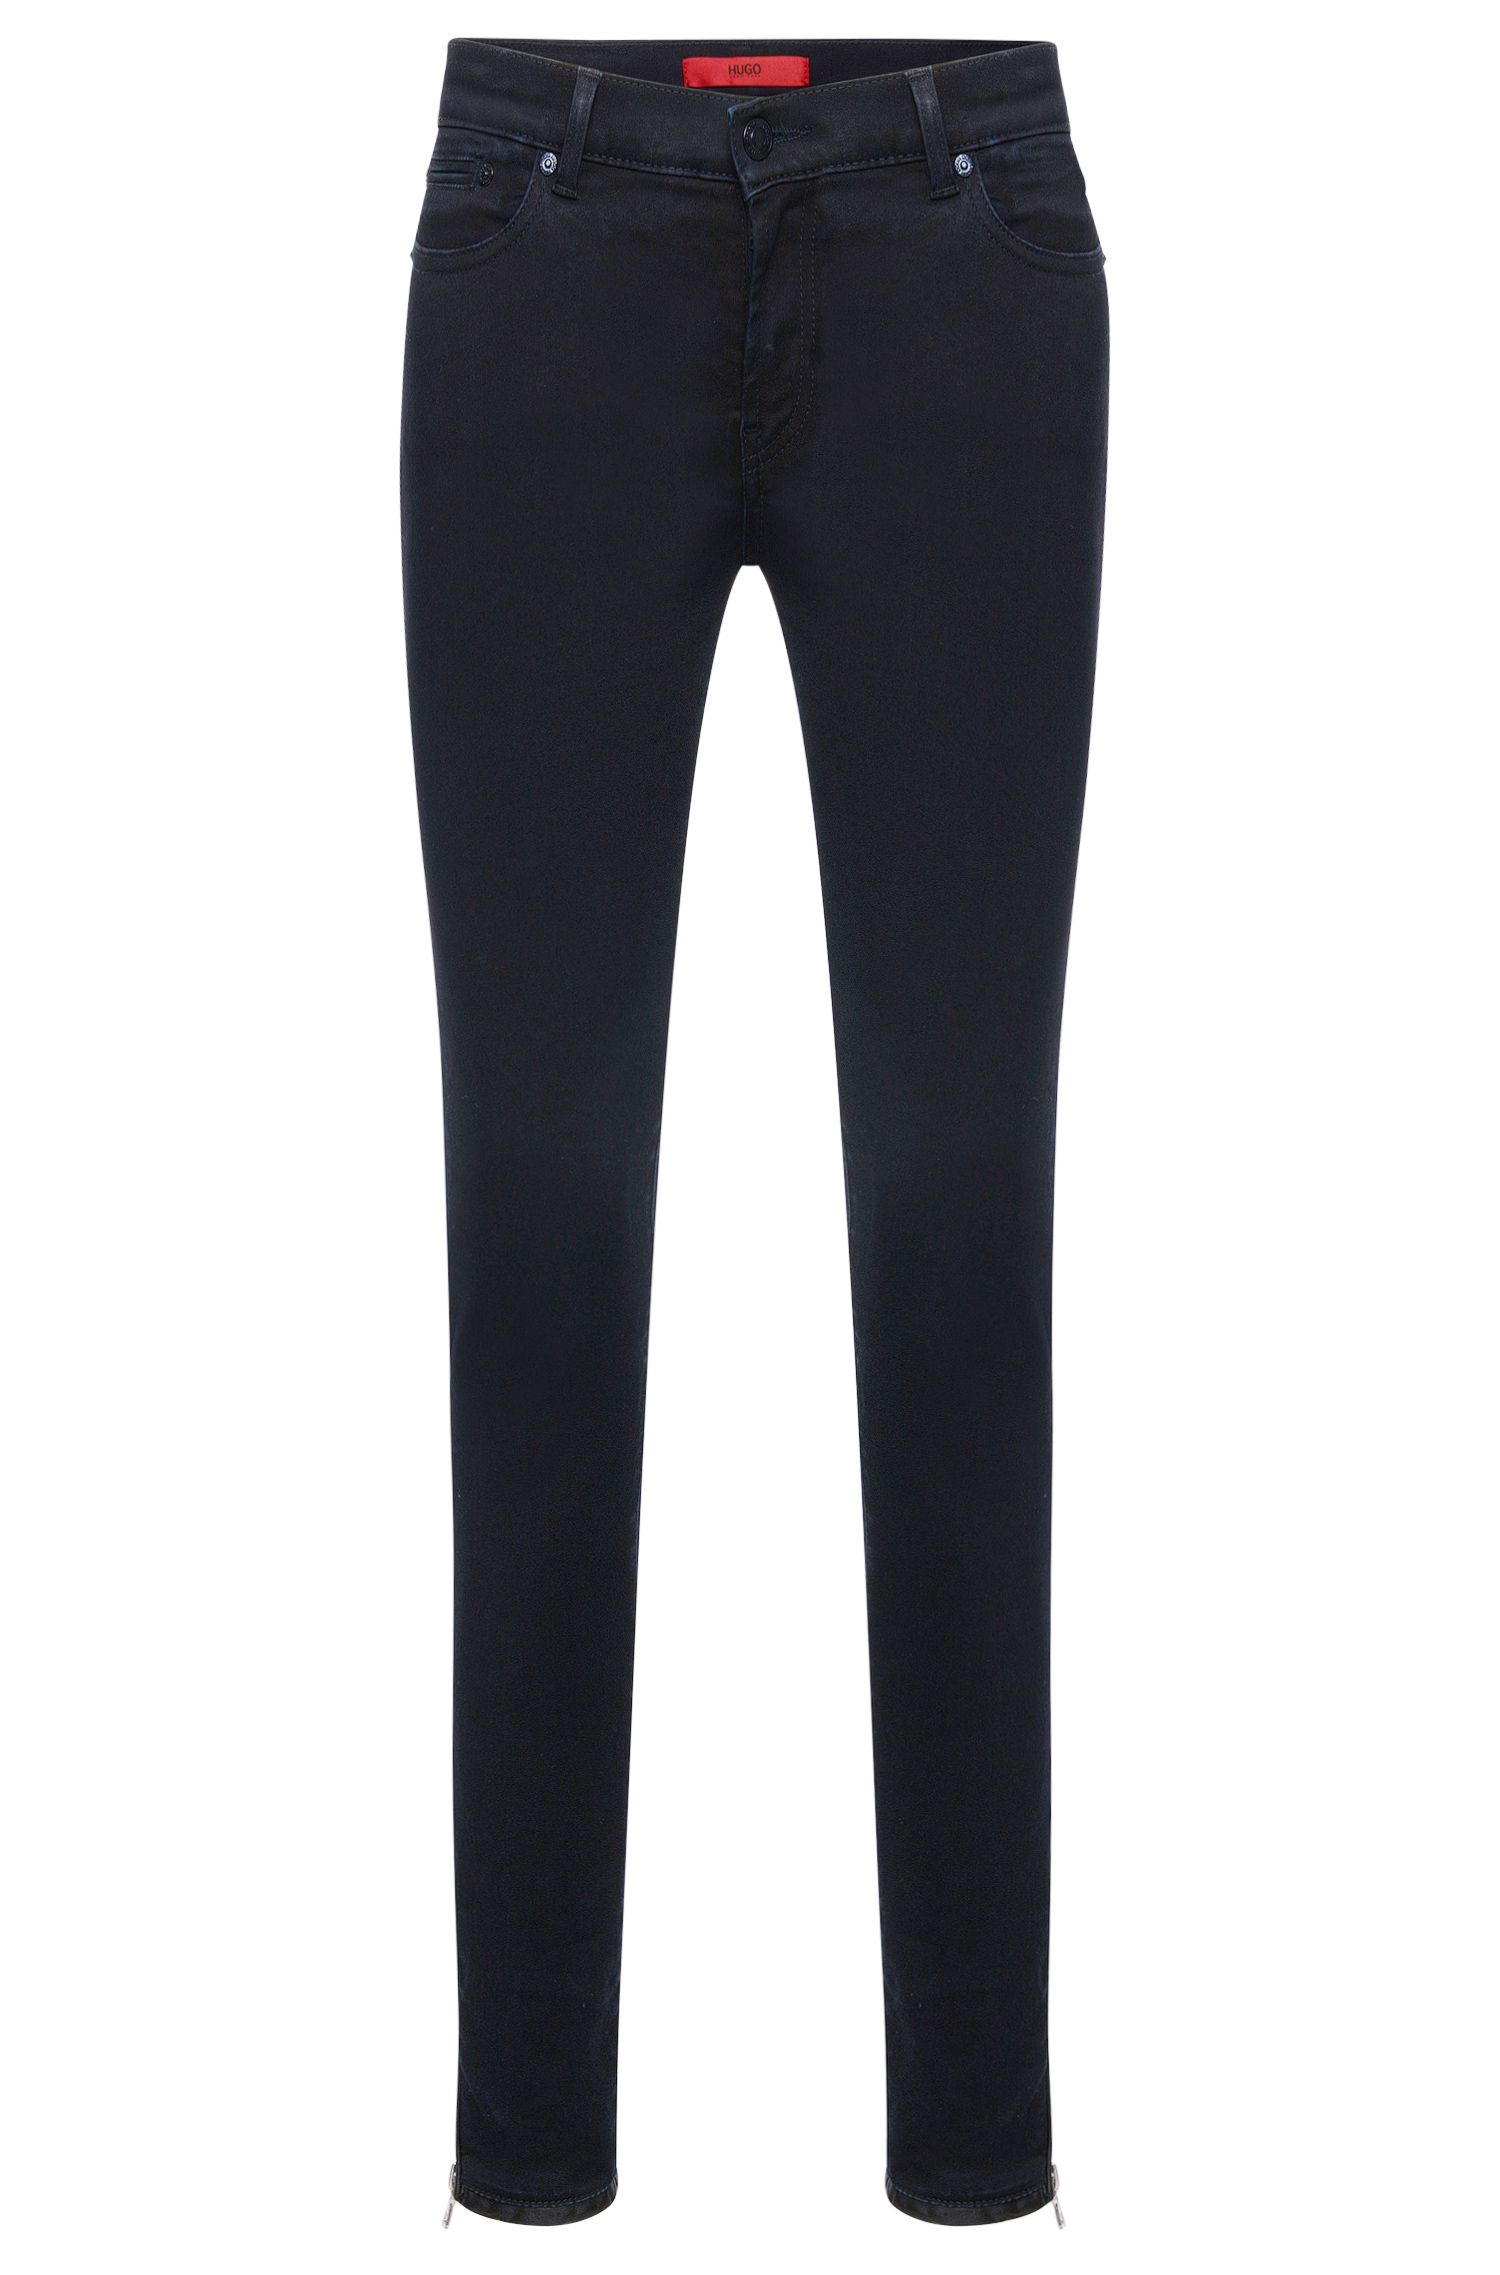 Skinny-Fit Jeans aus elastischem Baumwoll-Mix in Cropped-Länge: 'Gilljana/9'